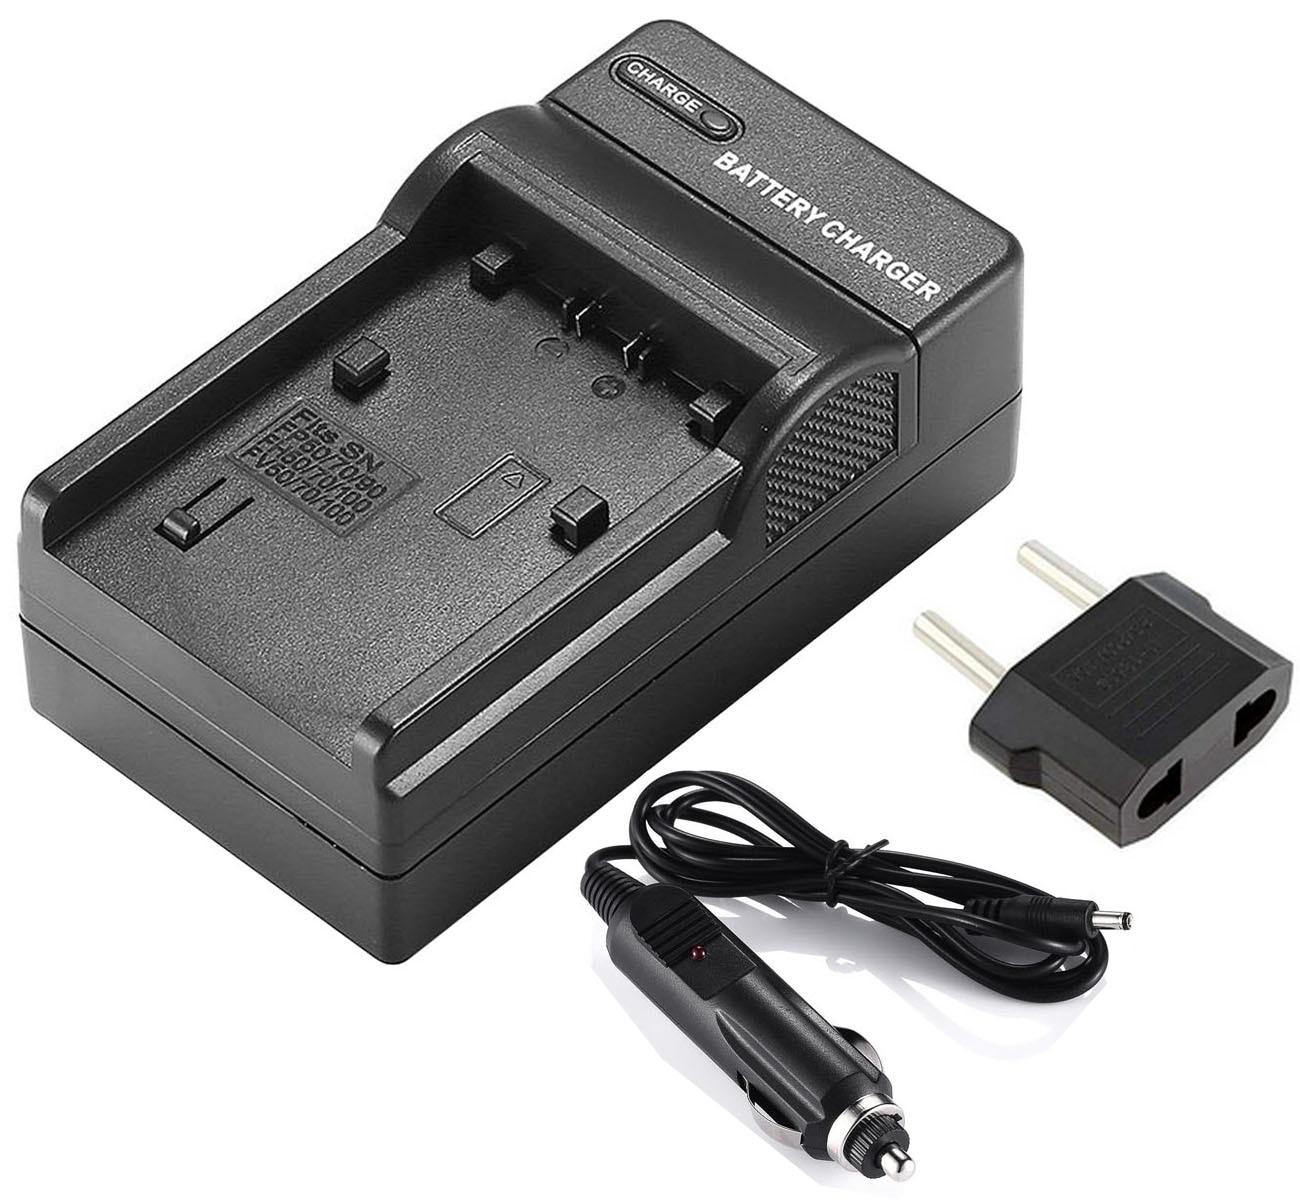 Cargador de batería cargador para Sony dcr-hc35e dcr-hc39 dcr-hc39e dcr-hc40 dcr-hc40e